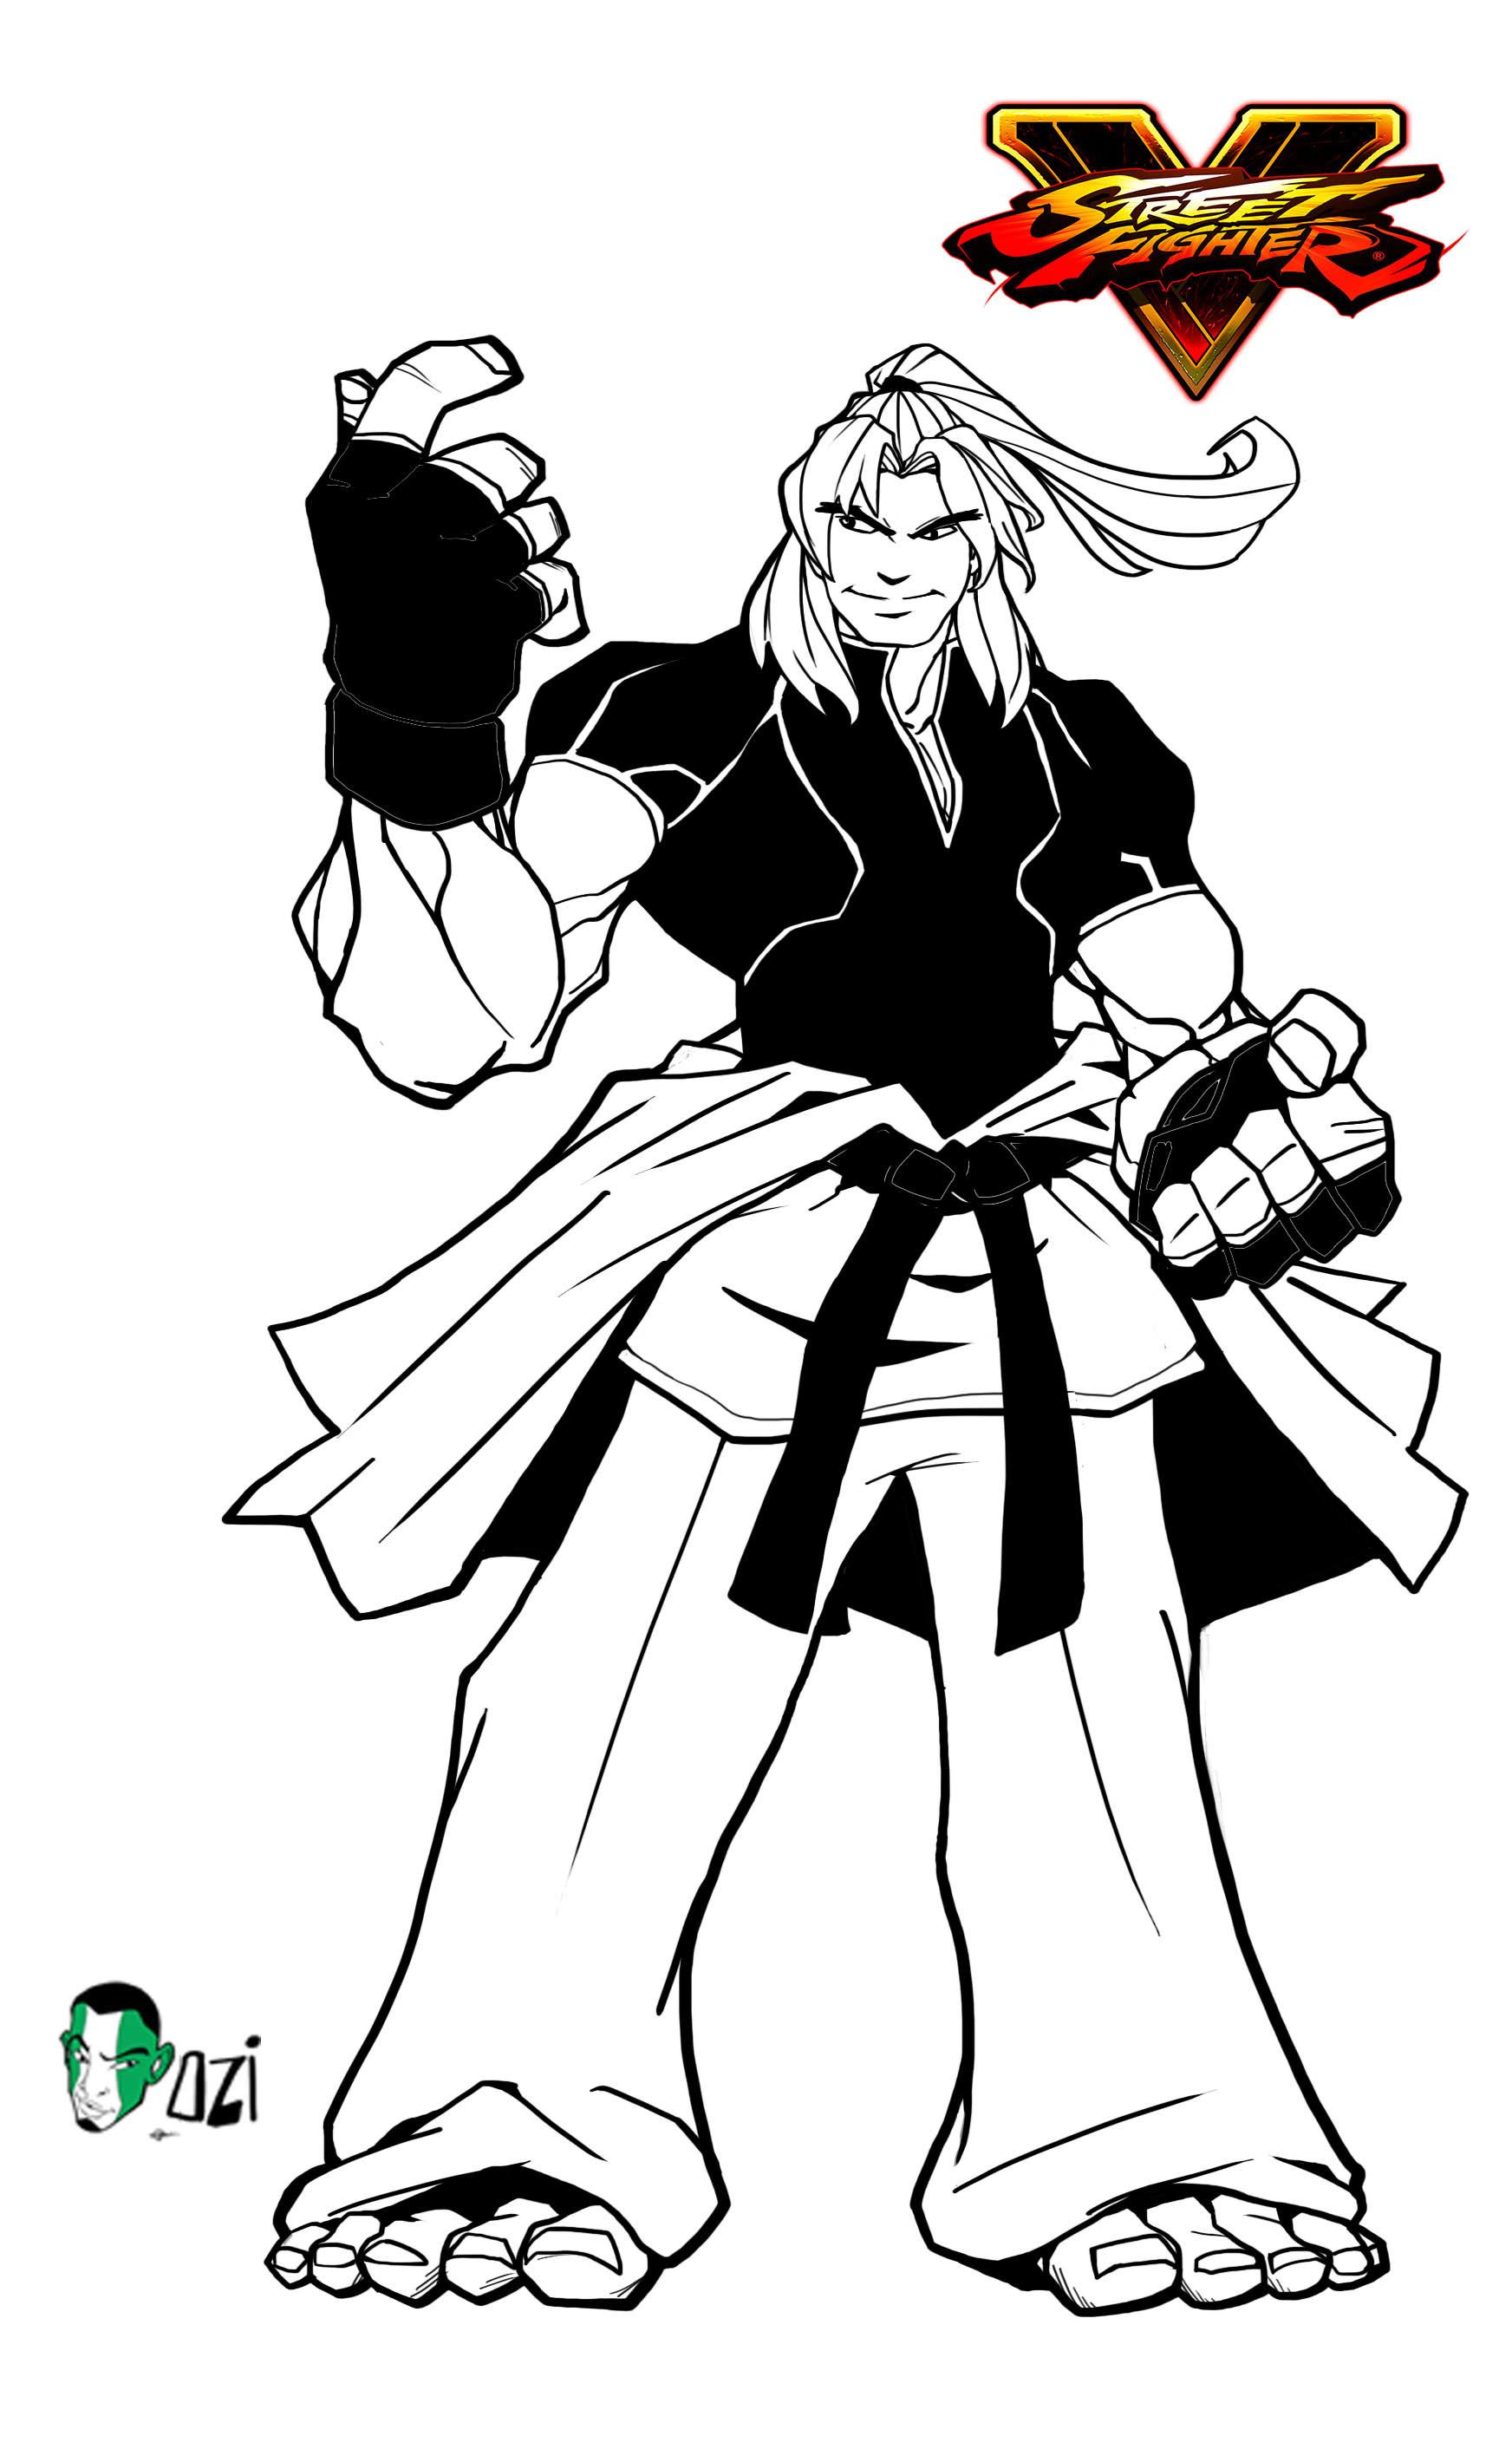 Artstation Ken Street Fighter V Fan Art Dominic Oziren Omoarukhe